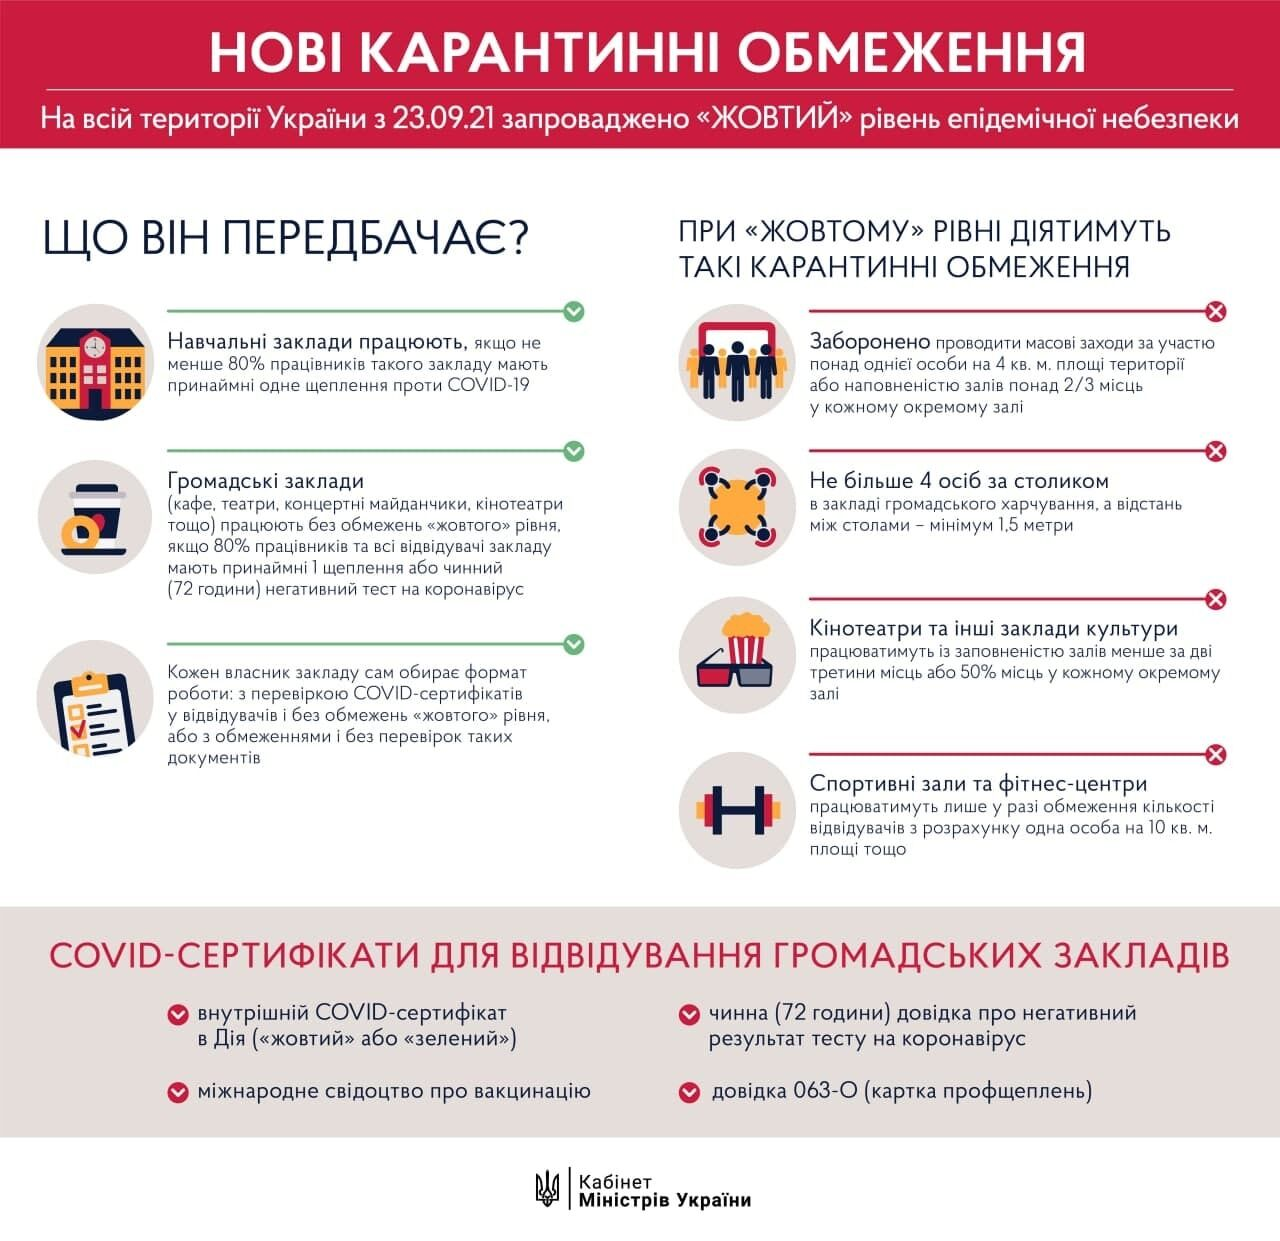 Ограничения для бизнеса в Украине.